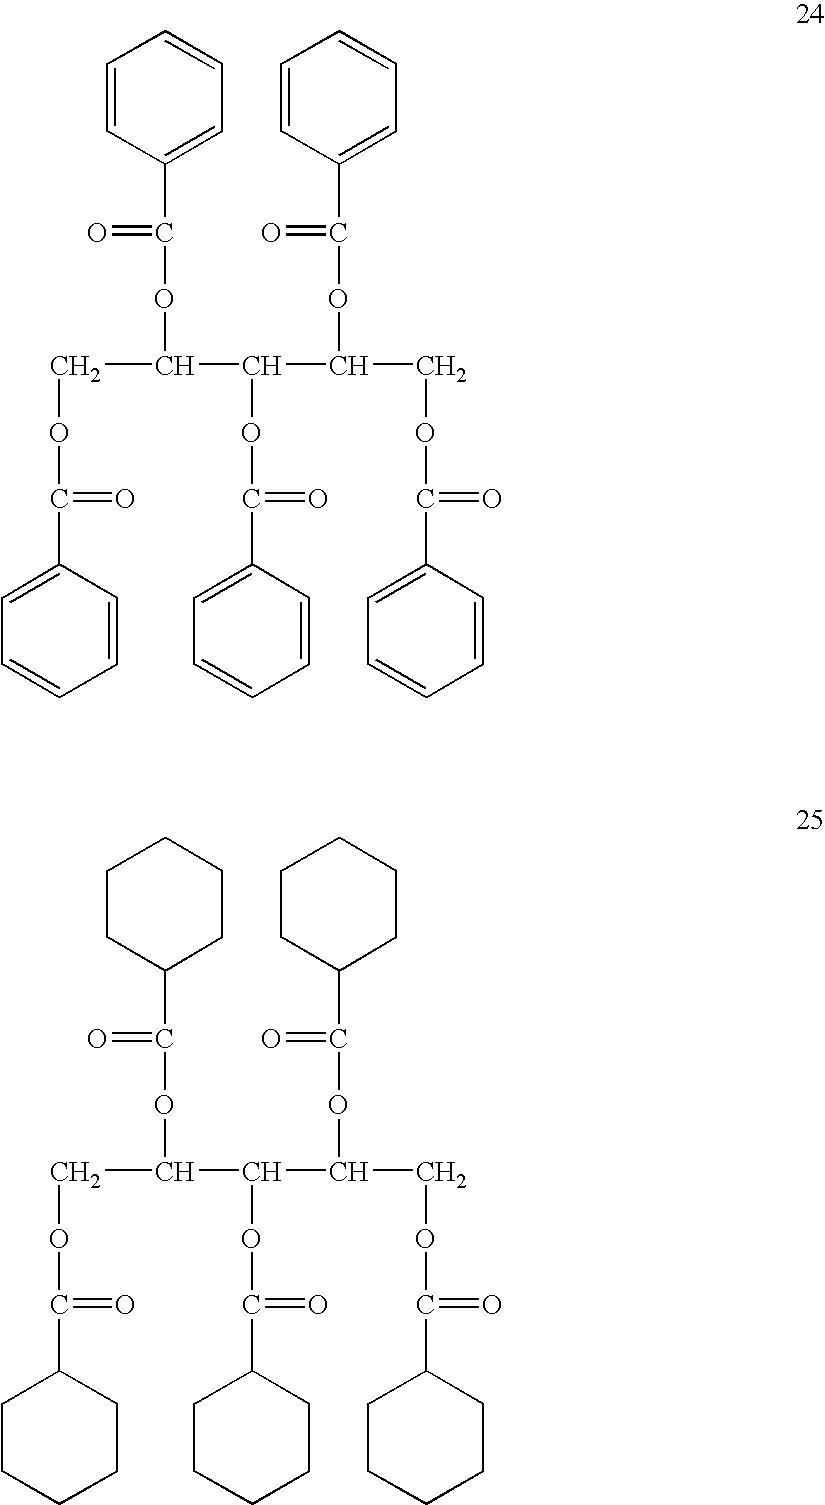 Figure US20060227695A1-20061012-C00014